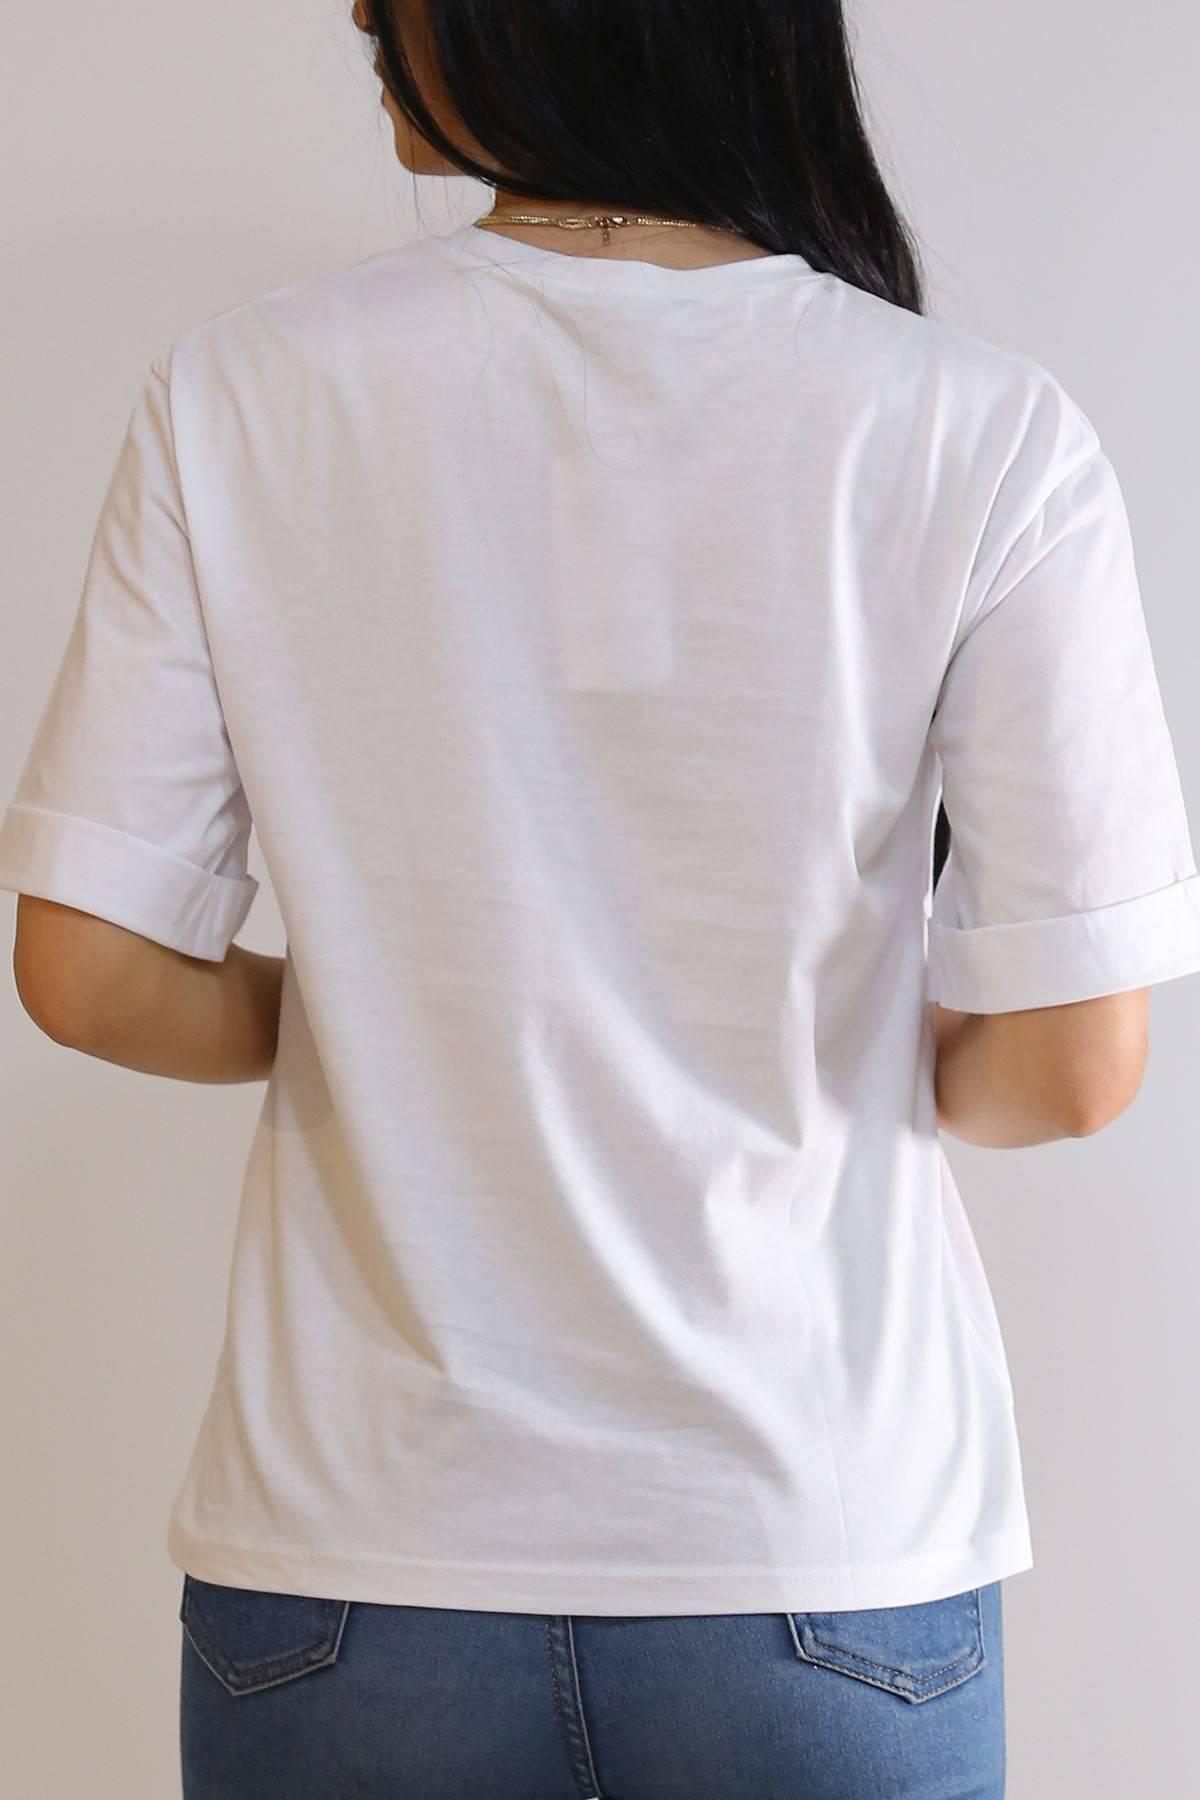 Baskılı Tişört Beyaz - 3124.196.